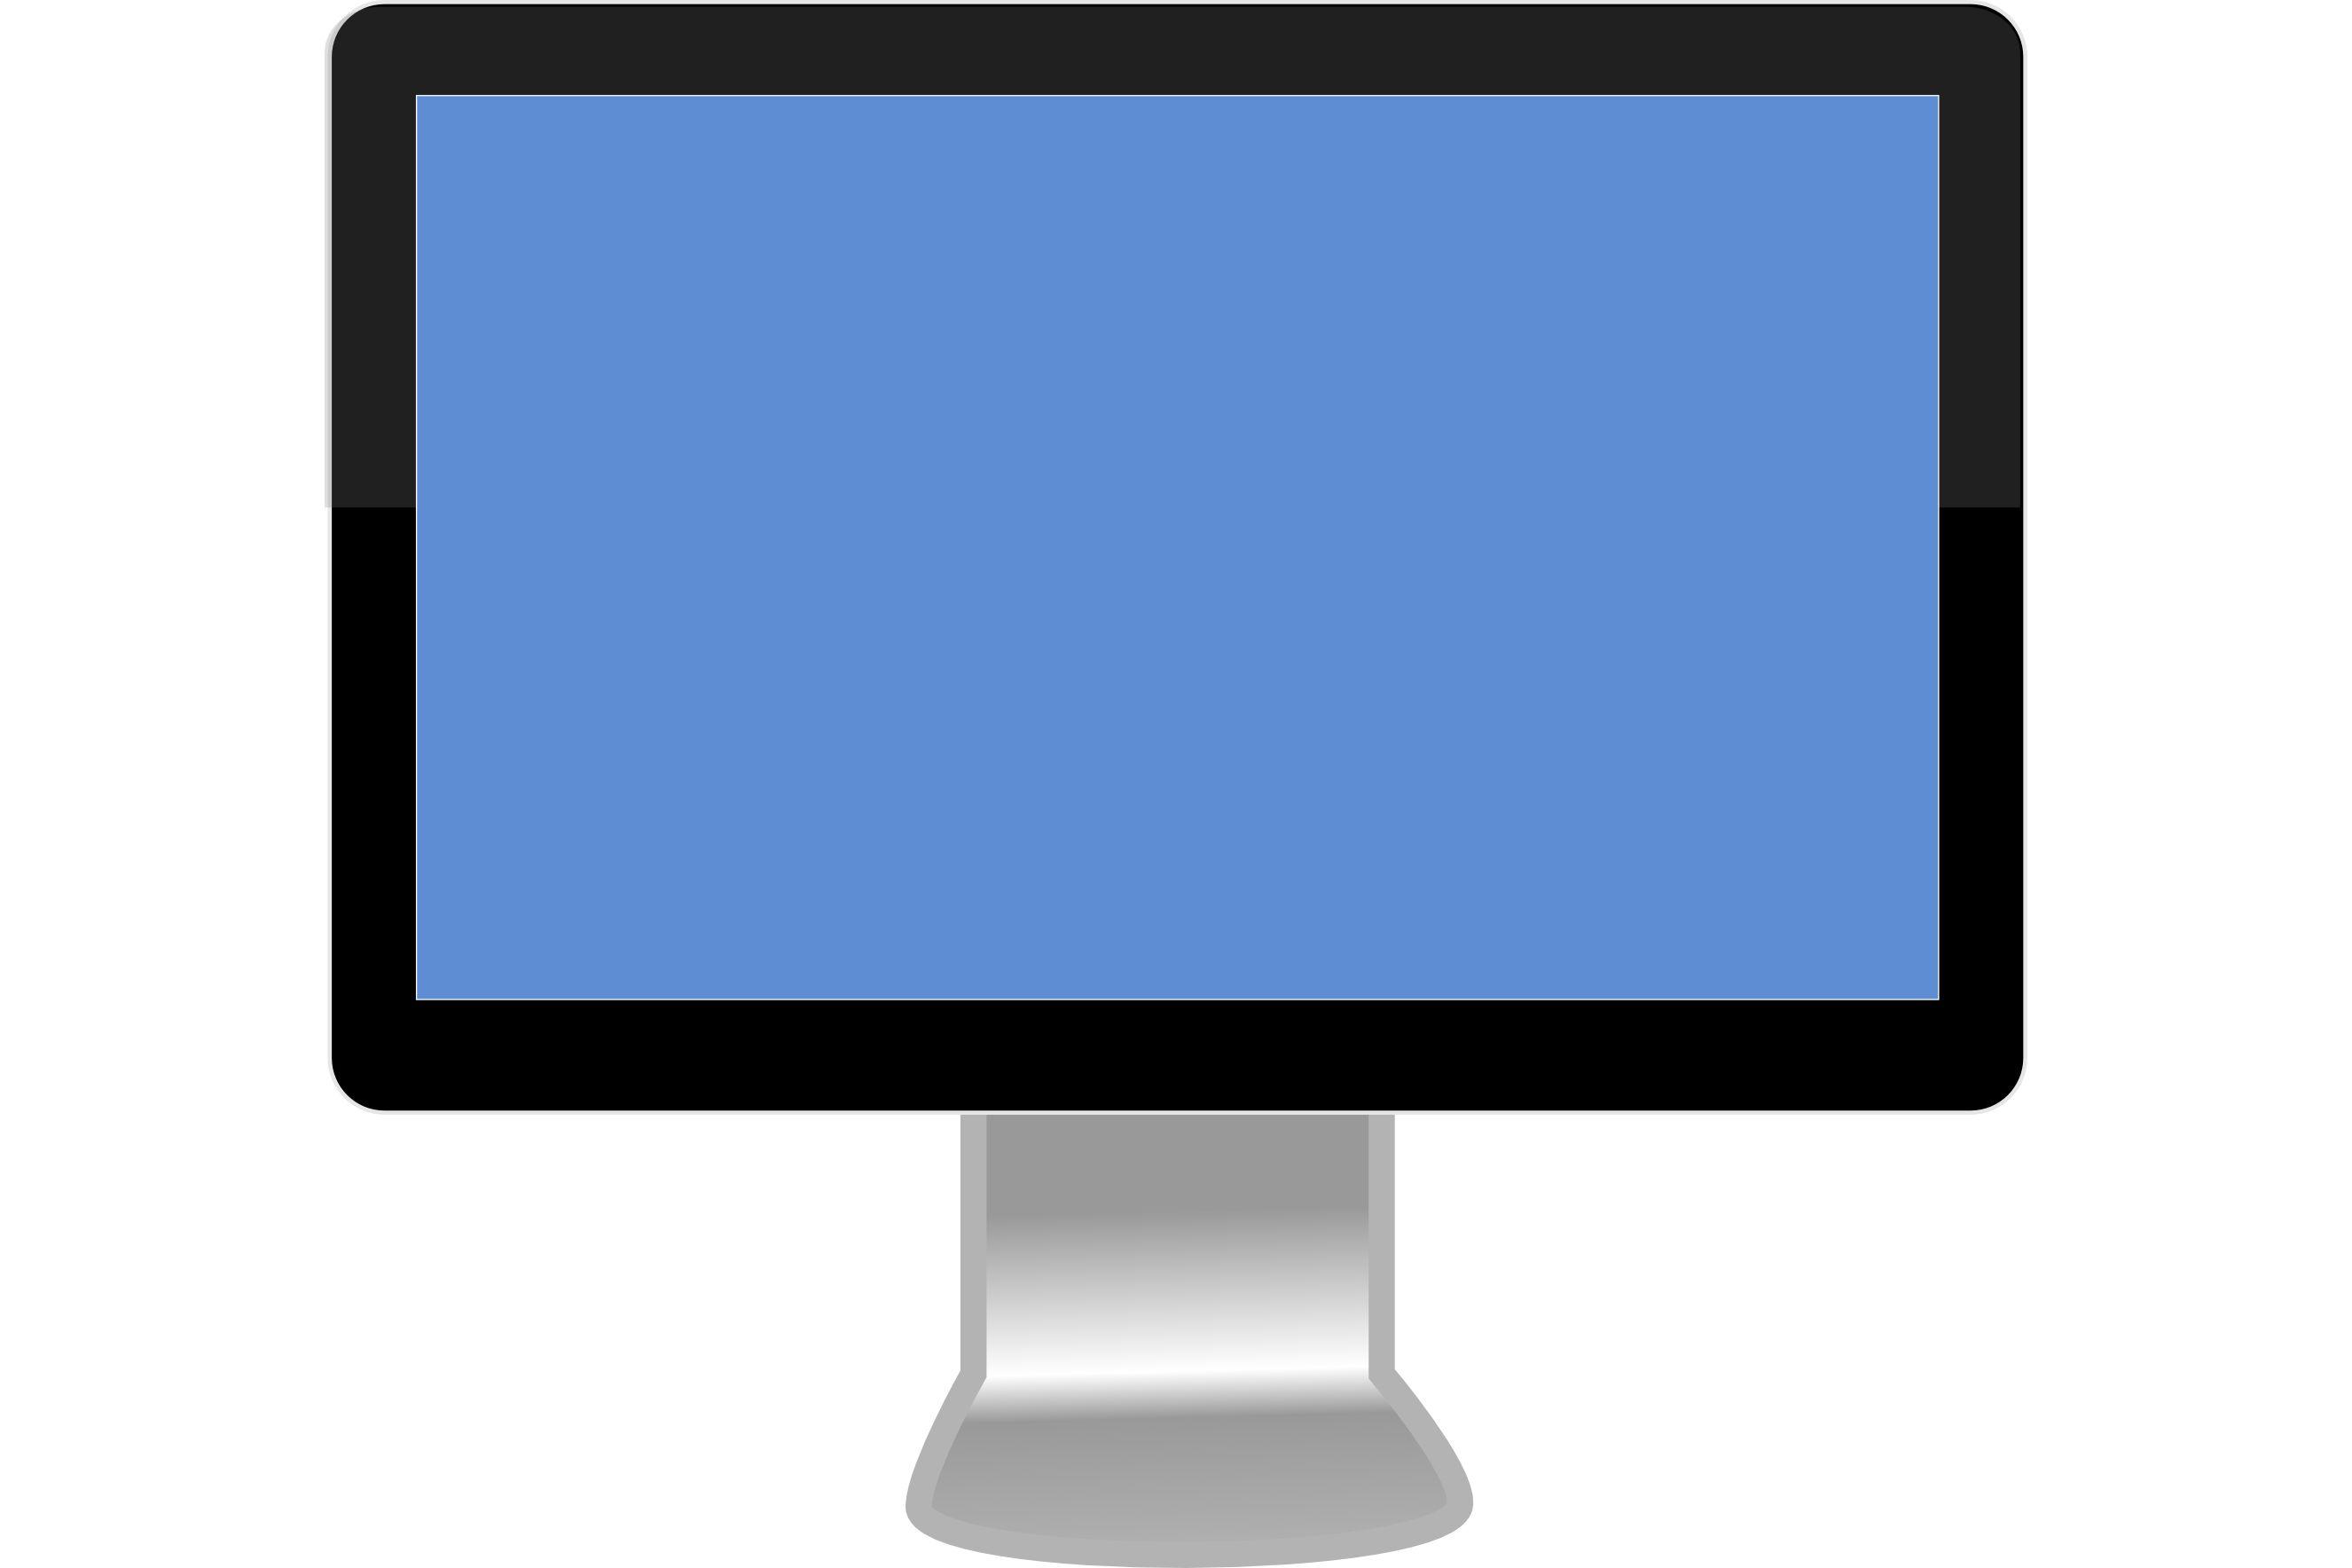 Mac Blue Screen